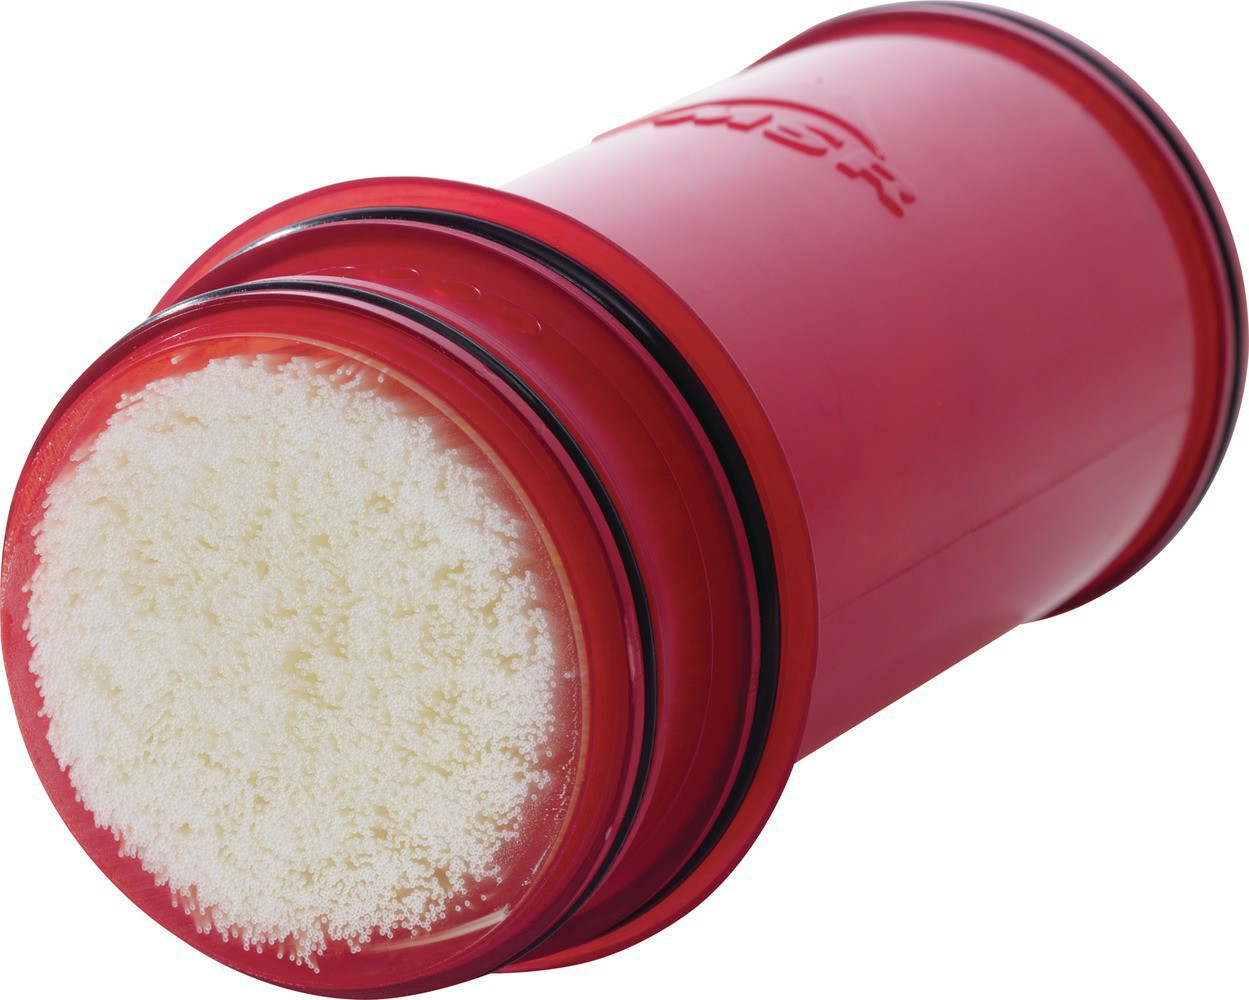 filtre eau msr guardian purifier pump purificateur d eau pompe traitement de l 39 eau. Black Bedroom Furniture Sets. Home Design Ideas